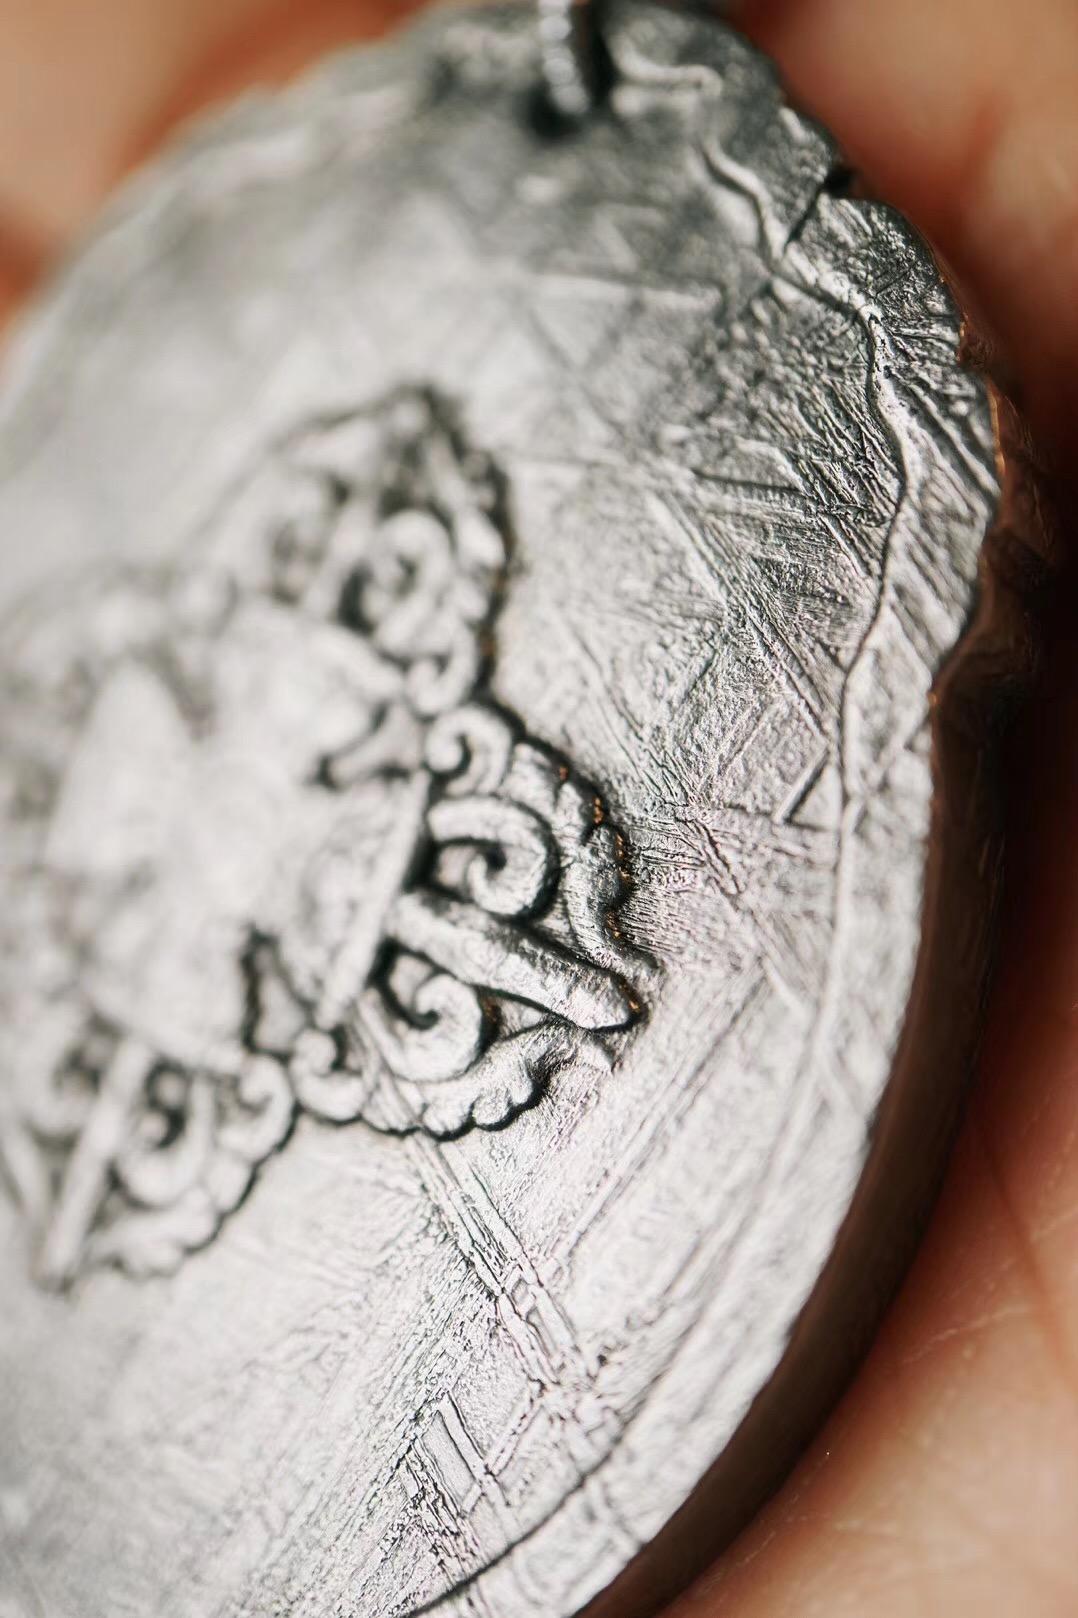 【菩心-陨铁·九宫八卦图】镍铁陨石拥有非常强且刚猛的能量-菩心晶舍